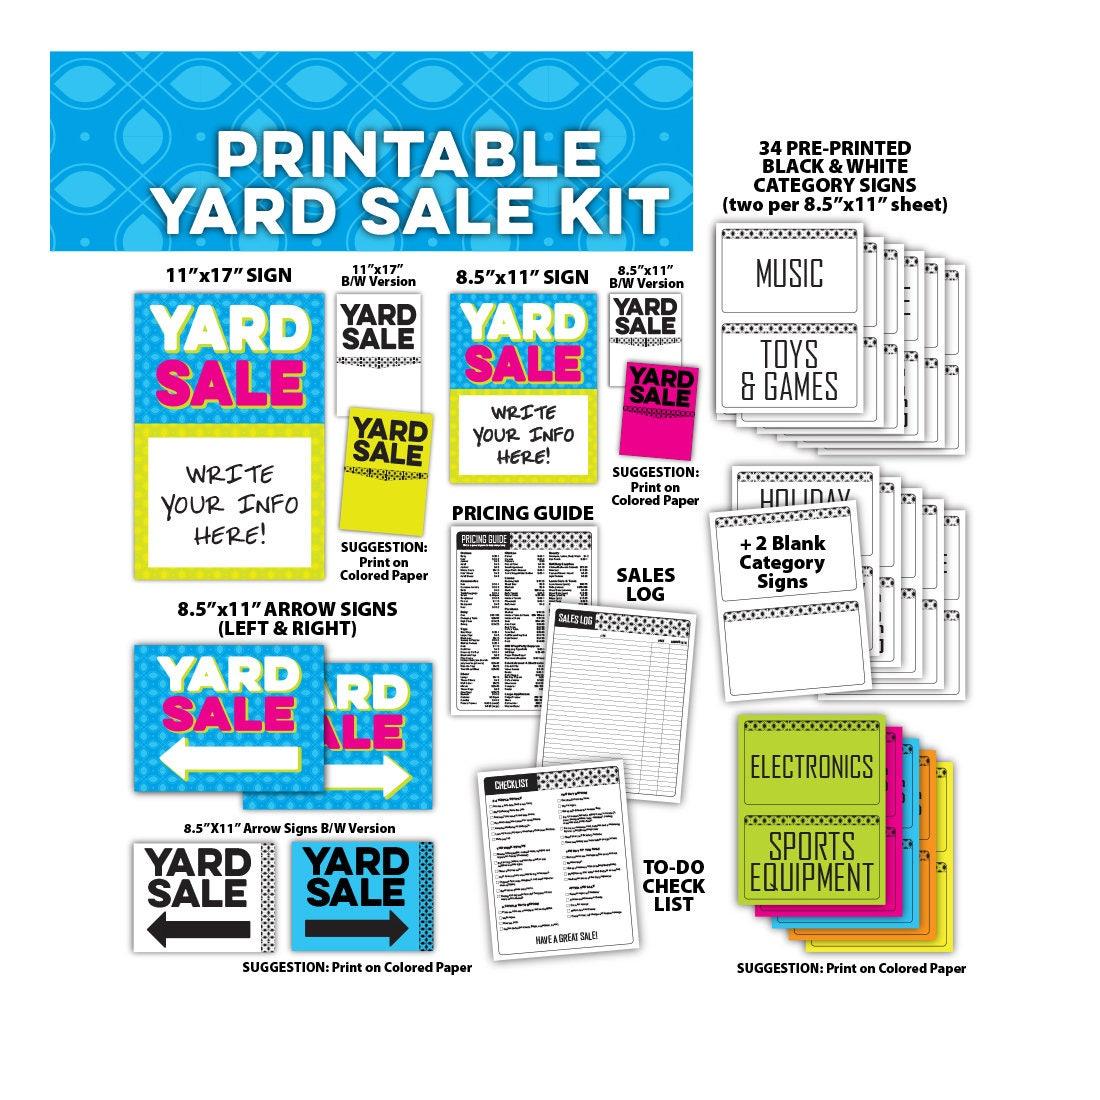 Fantastisch Yard Verkauf Zeichen Vorlage Fotos - Beispiel ...